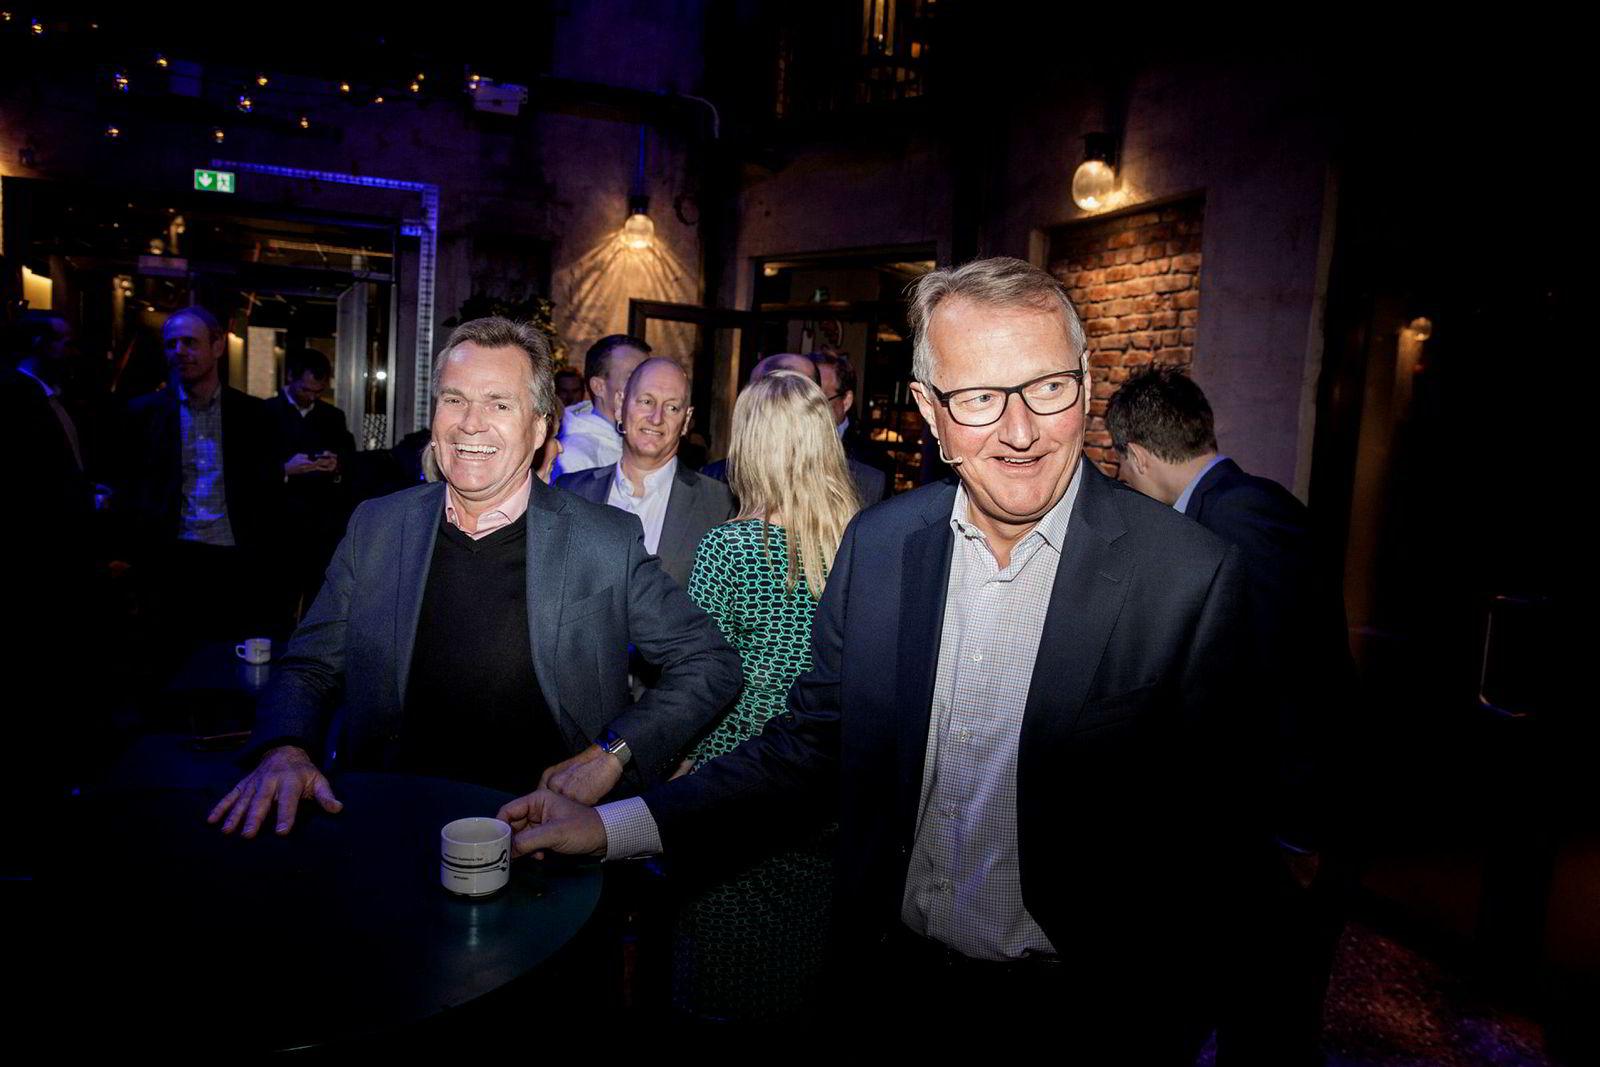 Konsernsjef Finn Haugan i Sparebank 1 SMN og DNBs konsernsjef Rune Bjerke fant sammen i november i fjor. Mandag laget de en avtale om å dele på Vipps-appen.